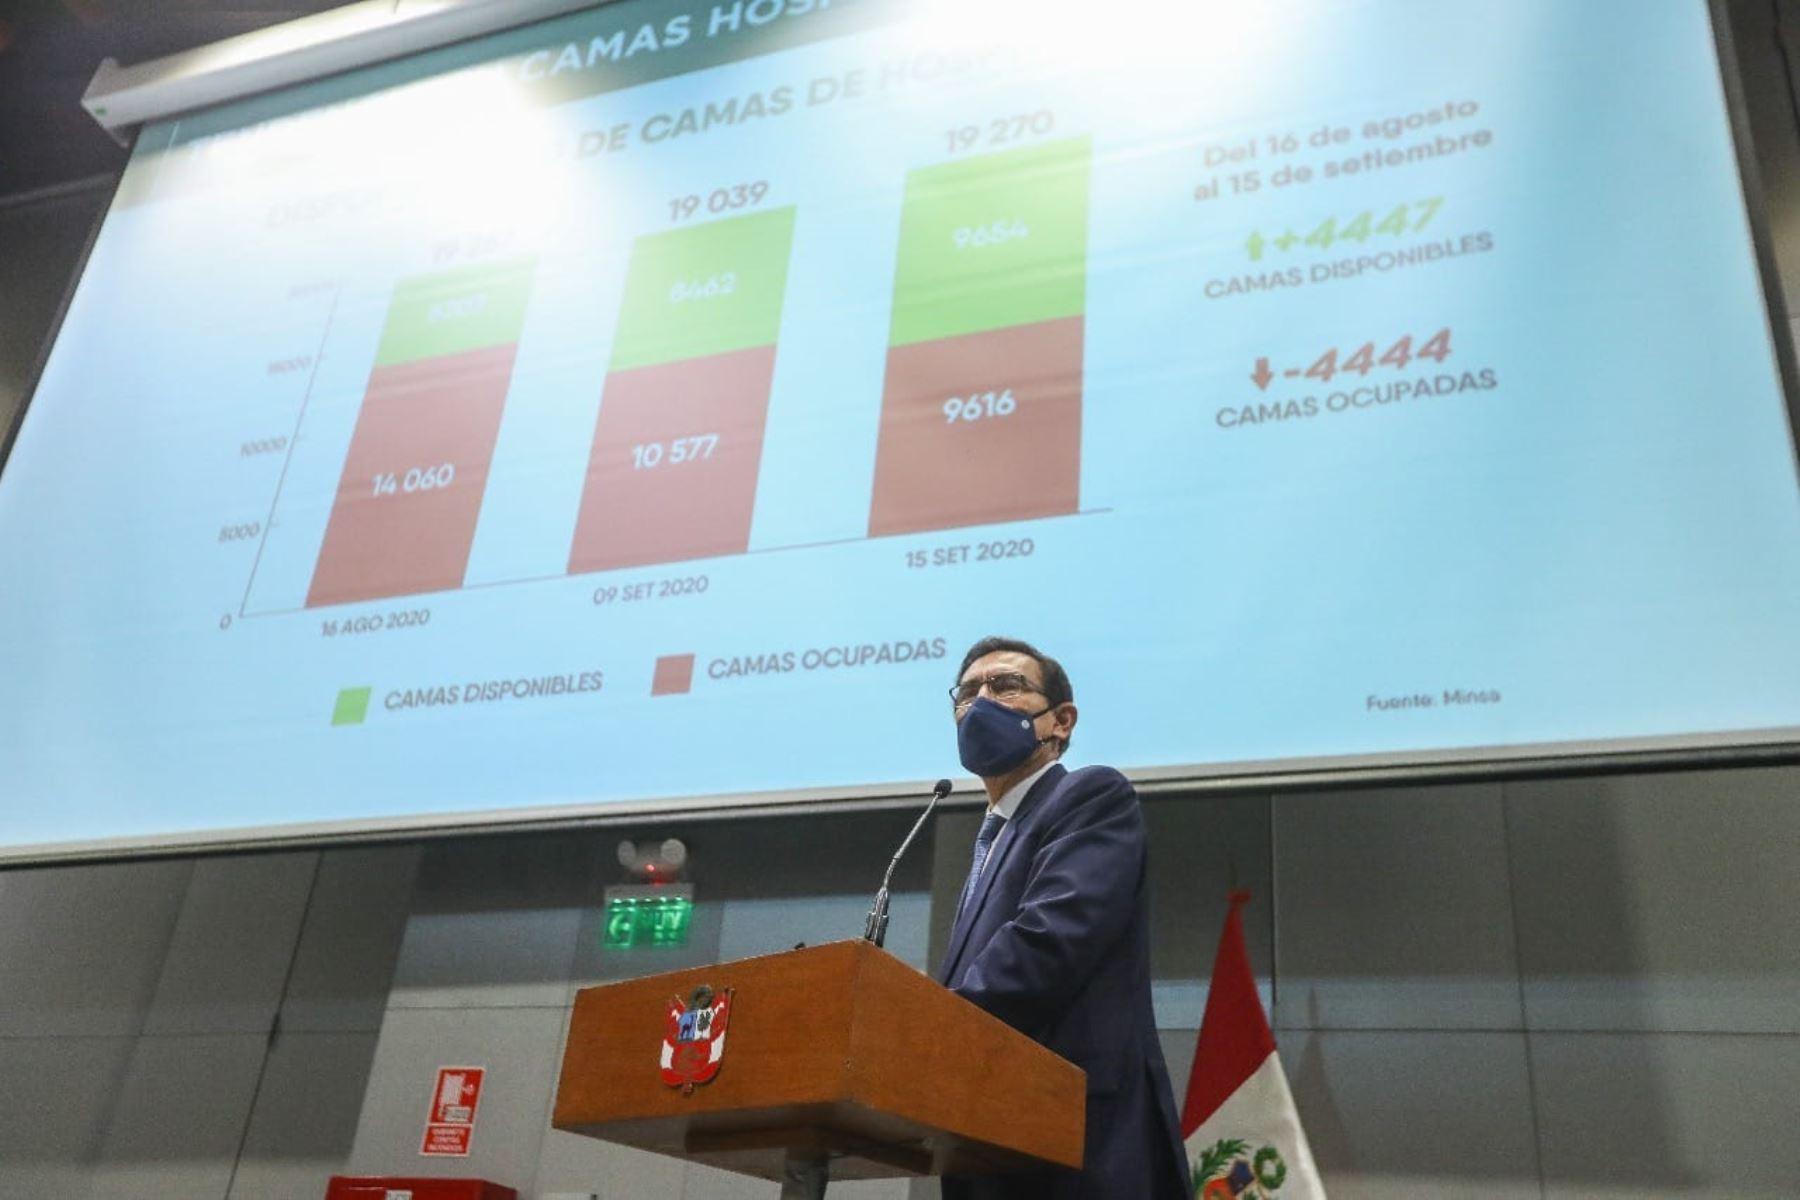 El presidente de la República, Martín Vizcarra, en el marco del Consejo de Ministros, sostiene una reunión con los representantes de la Asociación de Municipalidades del Perú(Ampe), de la Red de Municipalidades Urbanas y Rurales del Perú (Remurpe) y con gobernadores regionales de la Asamblea Nacional de Gobiernos Regionales (ANGR).Foto: ANDINA/Prensa Presidencia